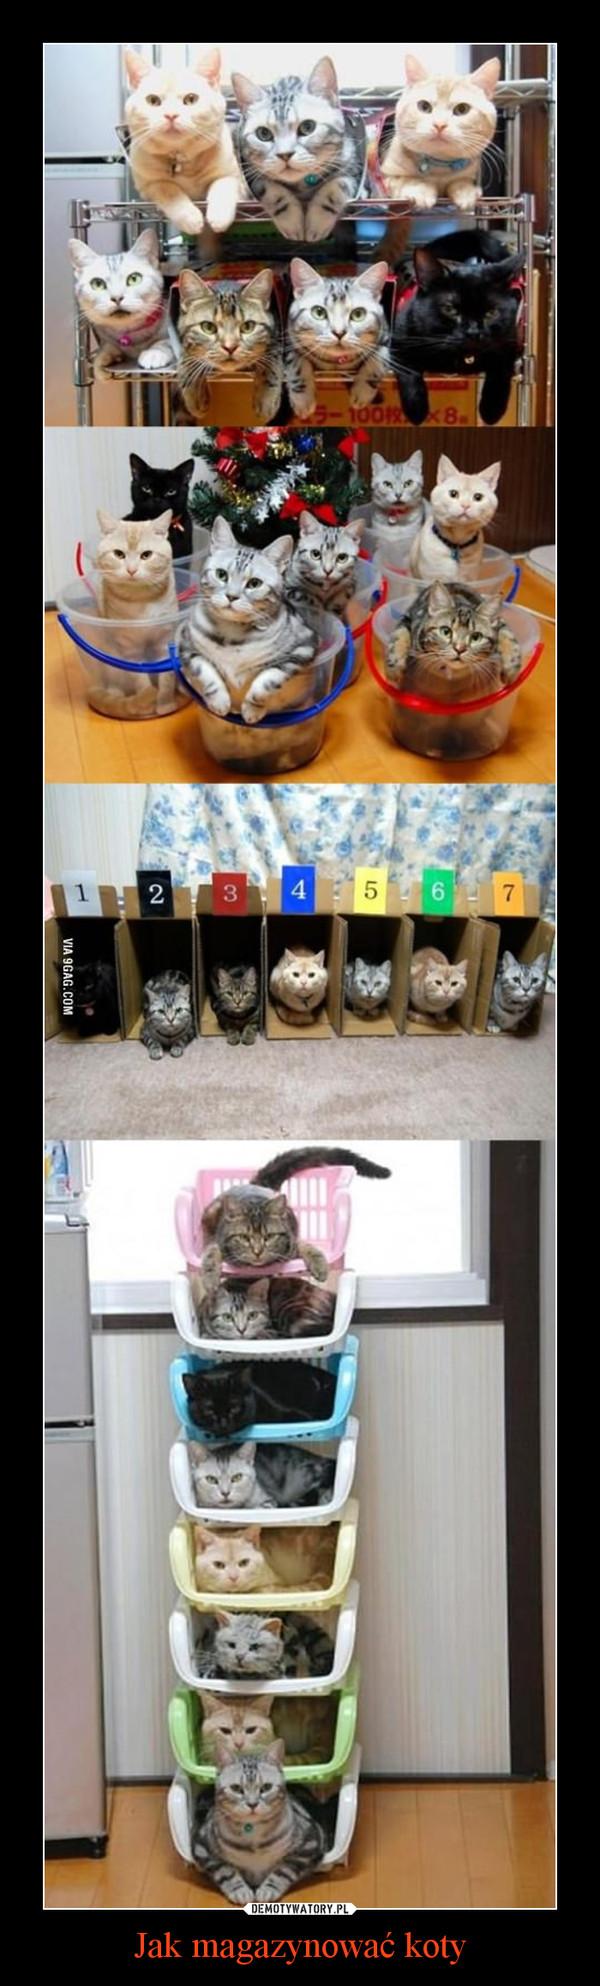 Jak magazynować koty –